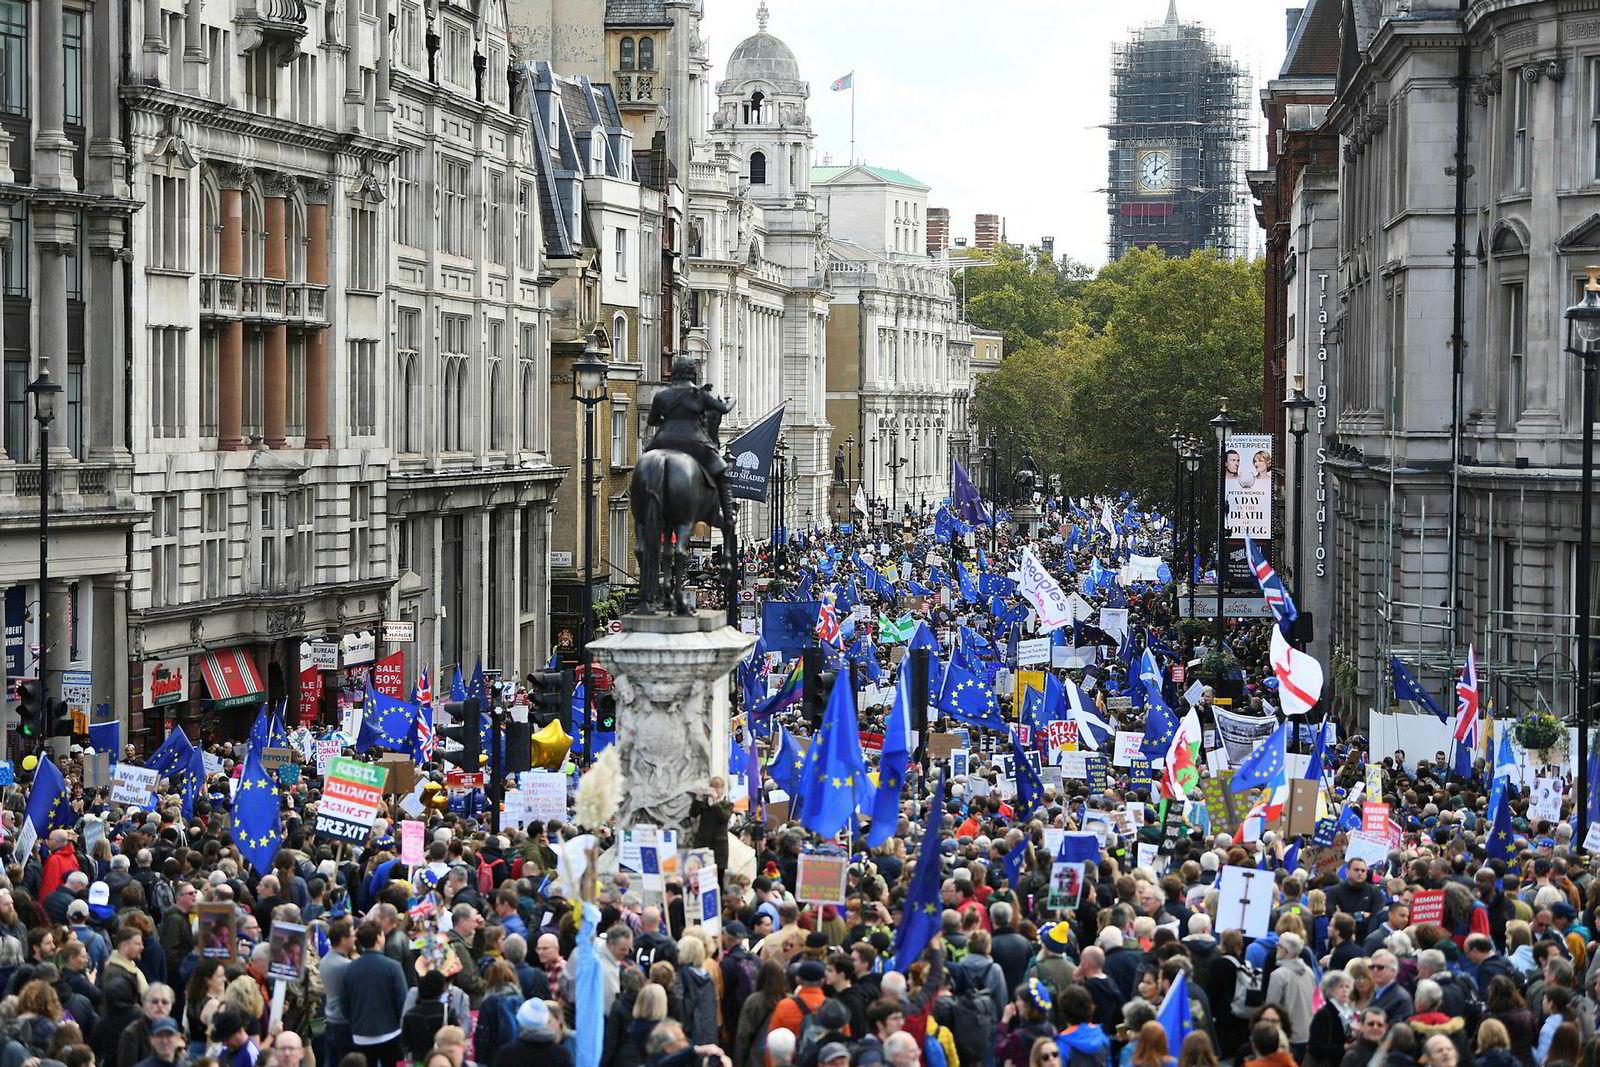 Titusenvis av brexit-motstandere marsjerte gjennom Trafalgar Square i London lørdag.